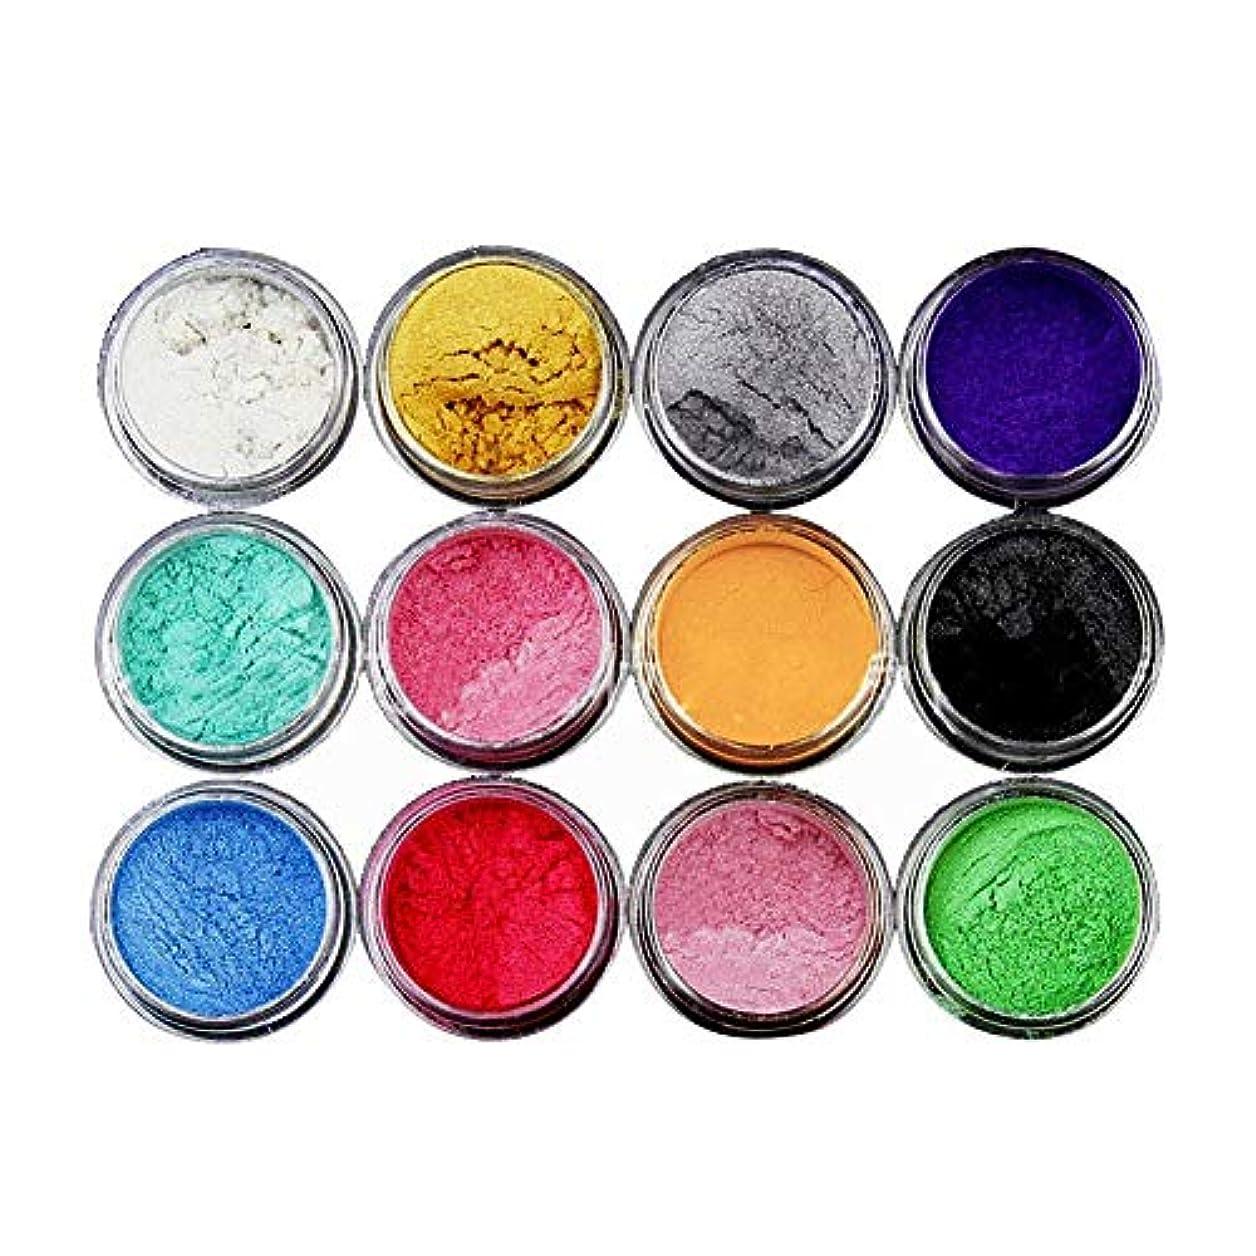 溶かす谷模索BETTER YOU (ベター ュー) ネイルオーナメント/ 12色パールパウダー/リン/アイシャドウパウダー/DIYスライム素材ボックス